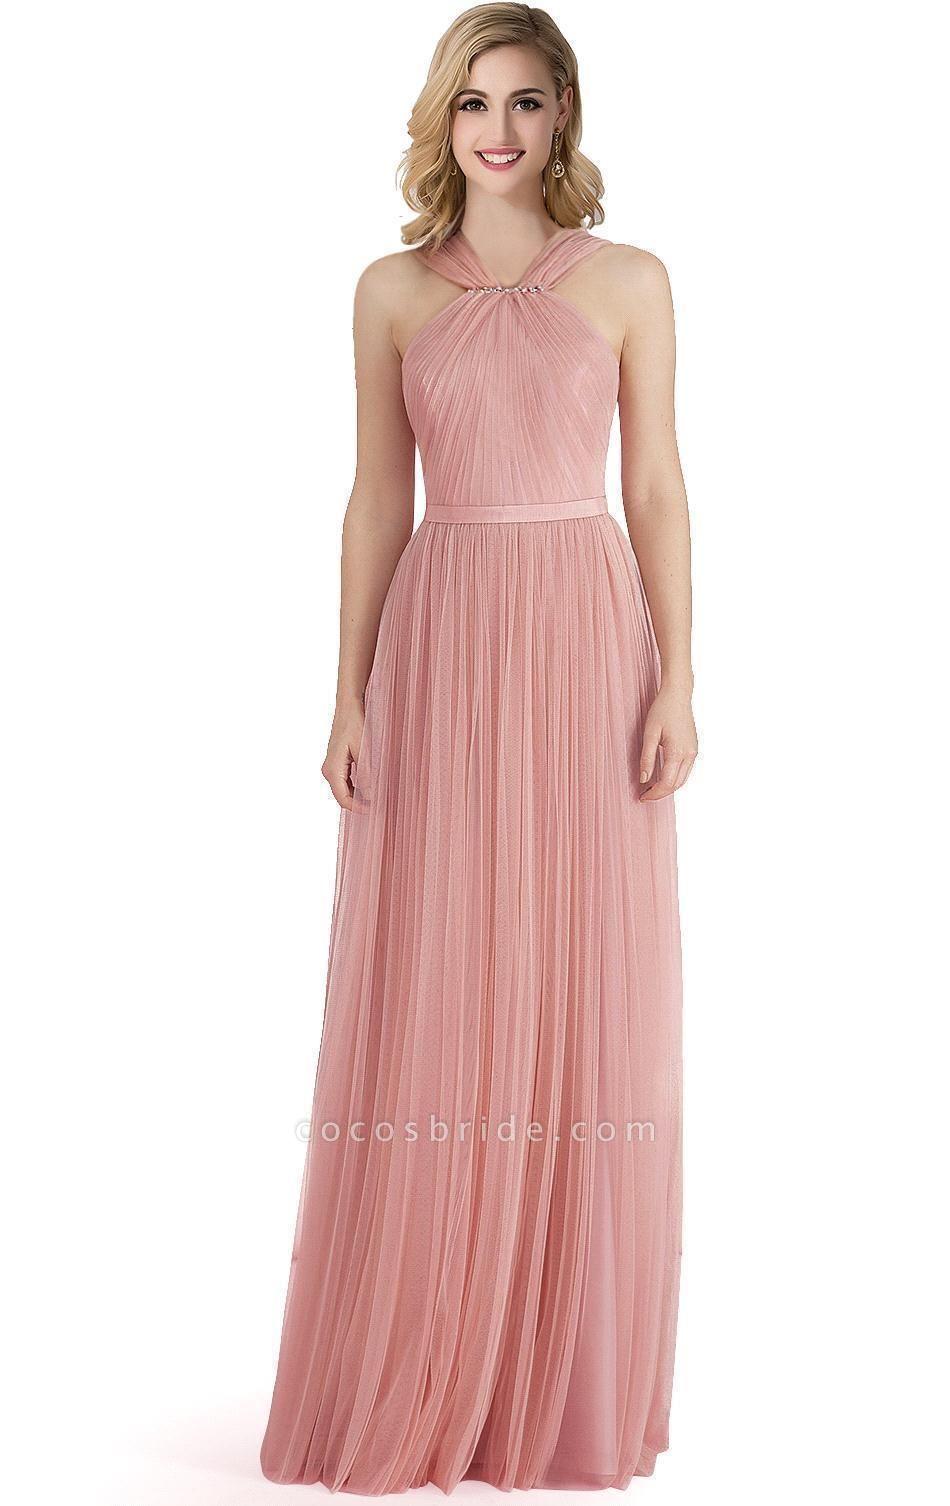 ELLIOTT   Sheath Floor-length Pink Tulle Bridesmaid Dresses with Ribbon Sash